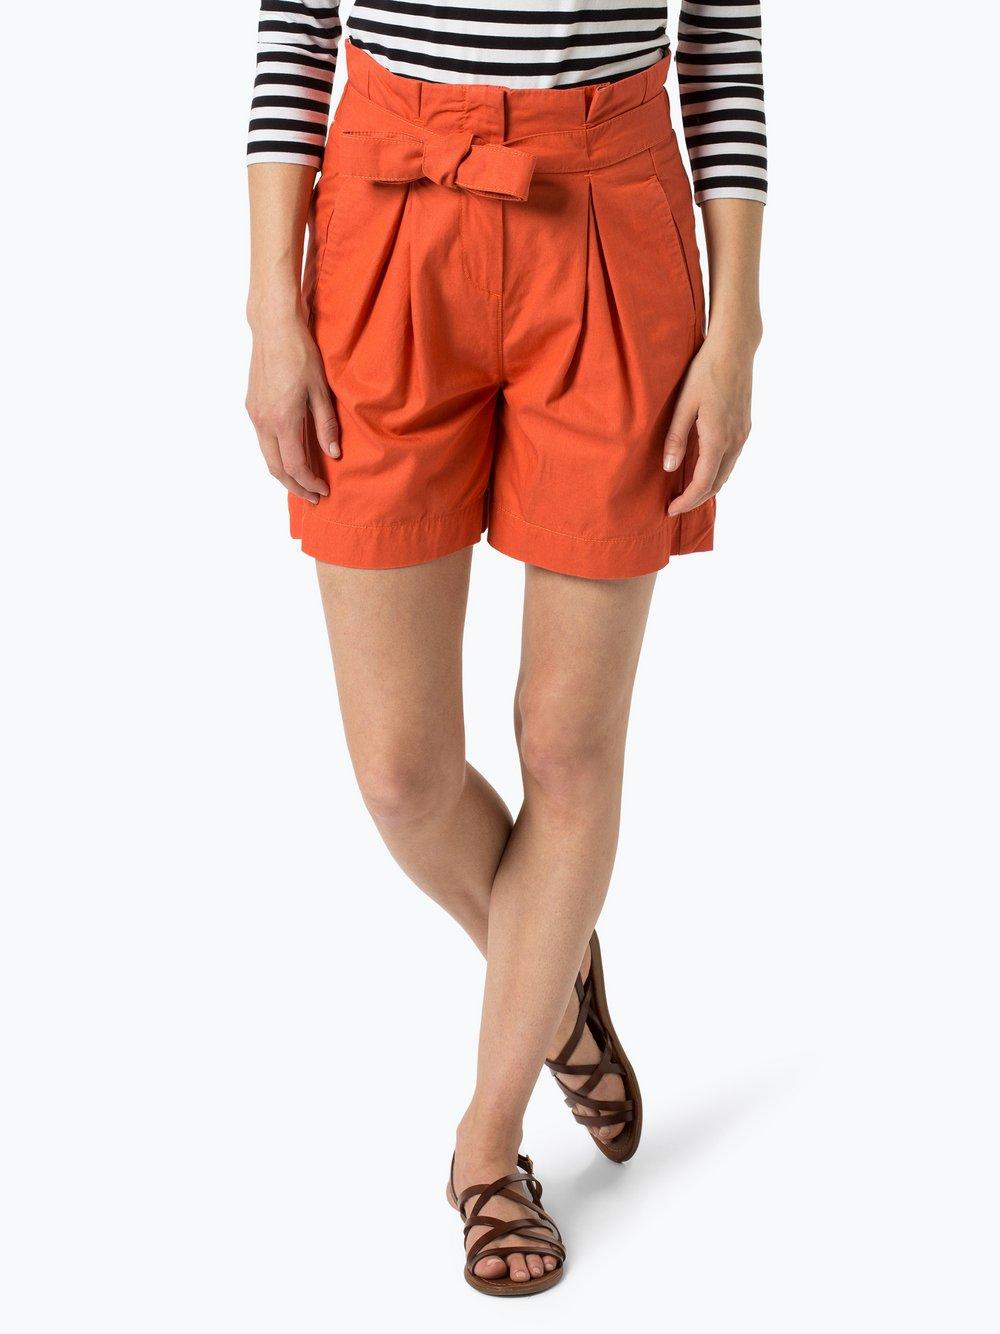 Beamten wählen schönes Design neue Produkte für Tommy Hilfiger Damen Shorts - Jena online kaufen   VANGRAAF.COM